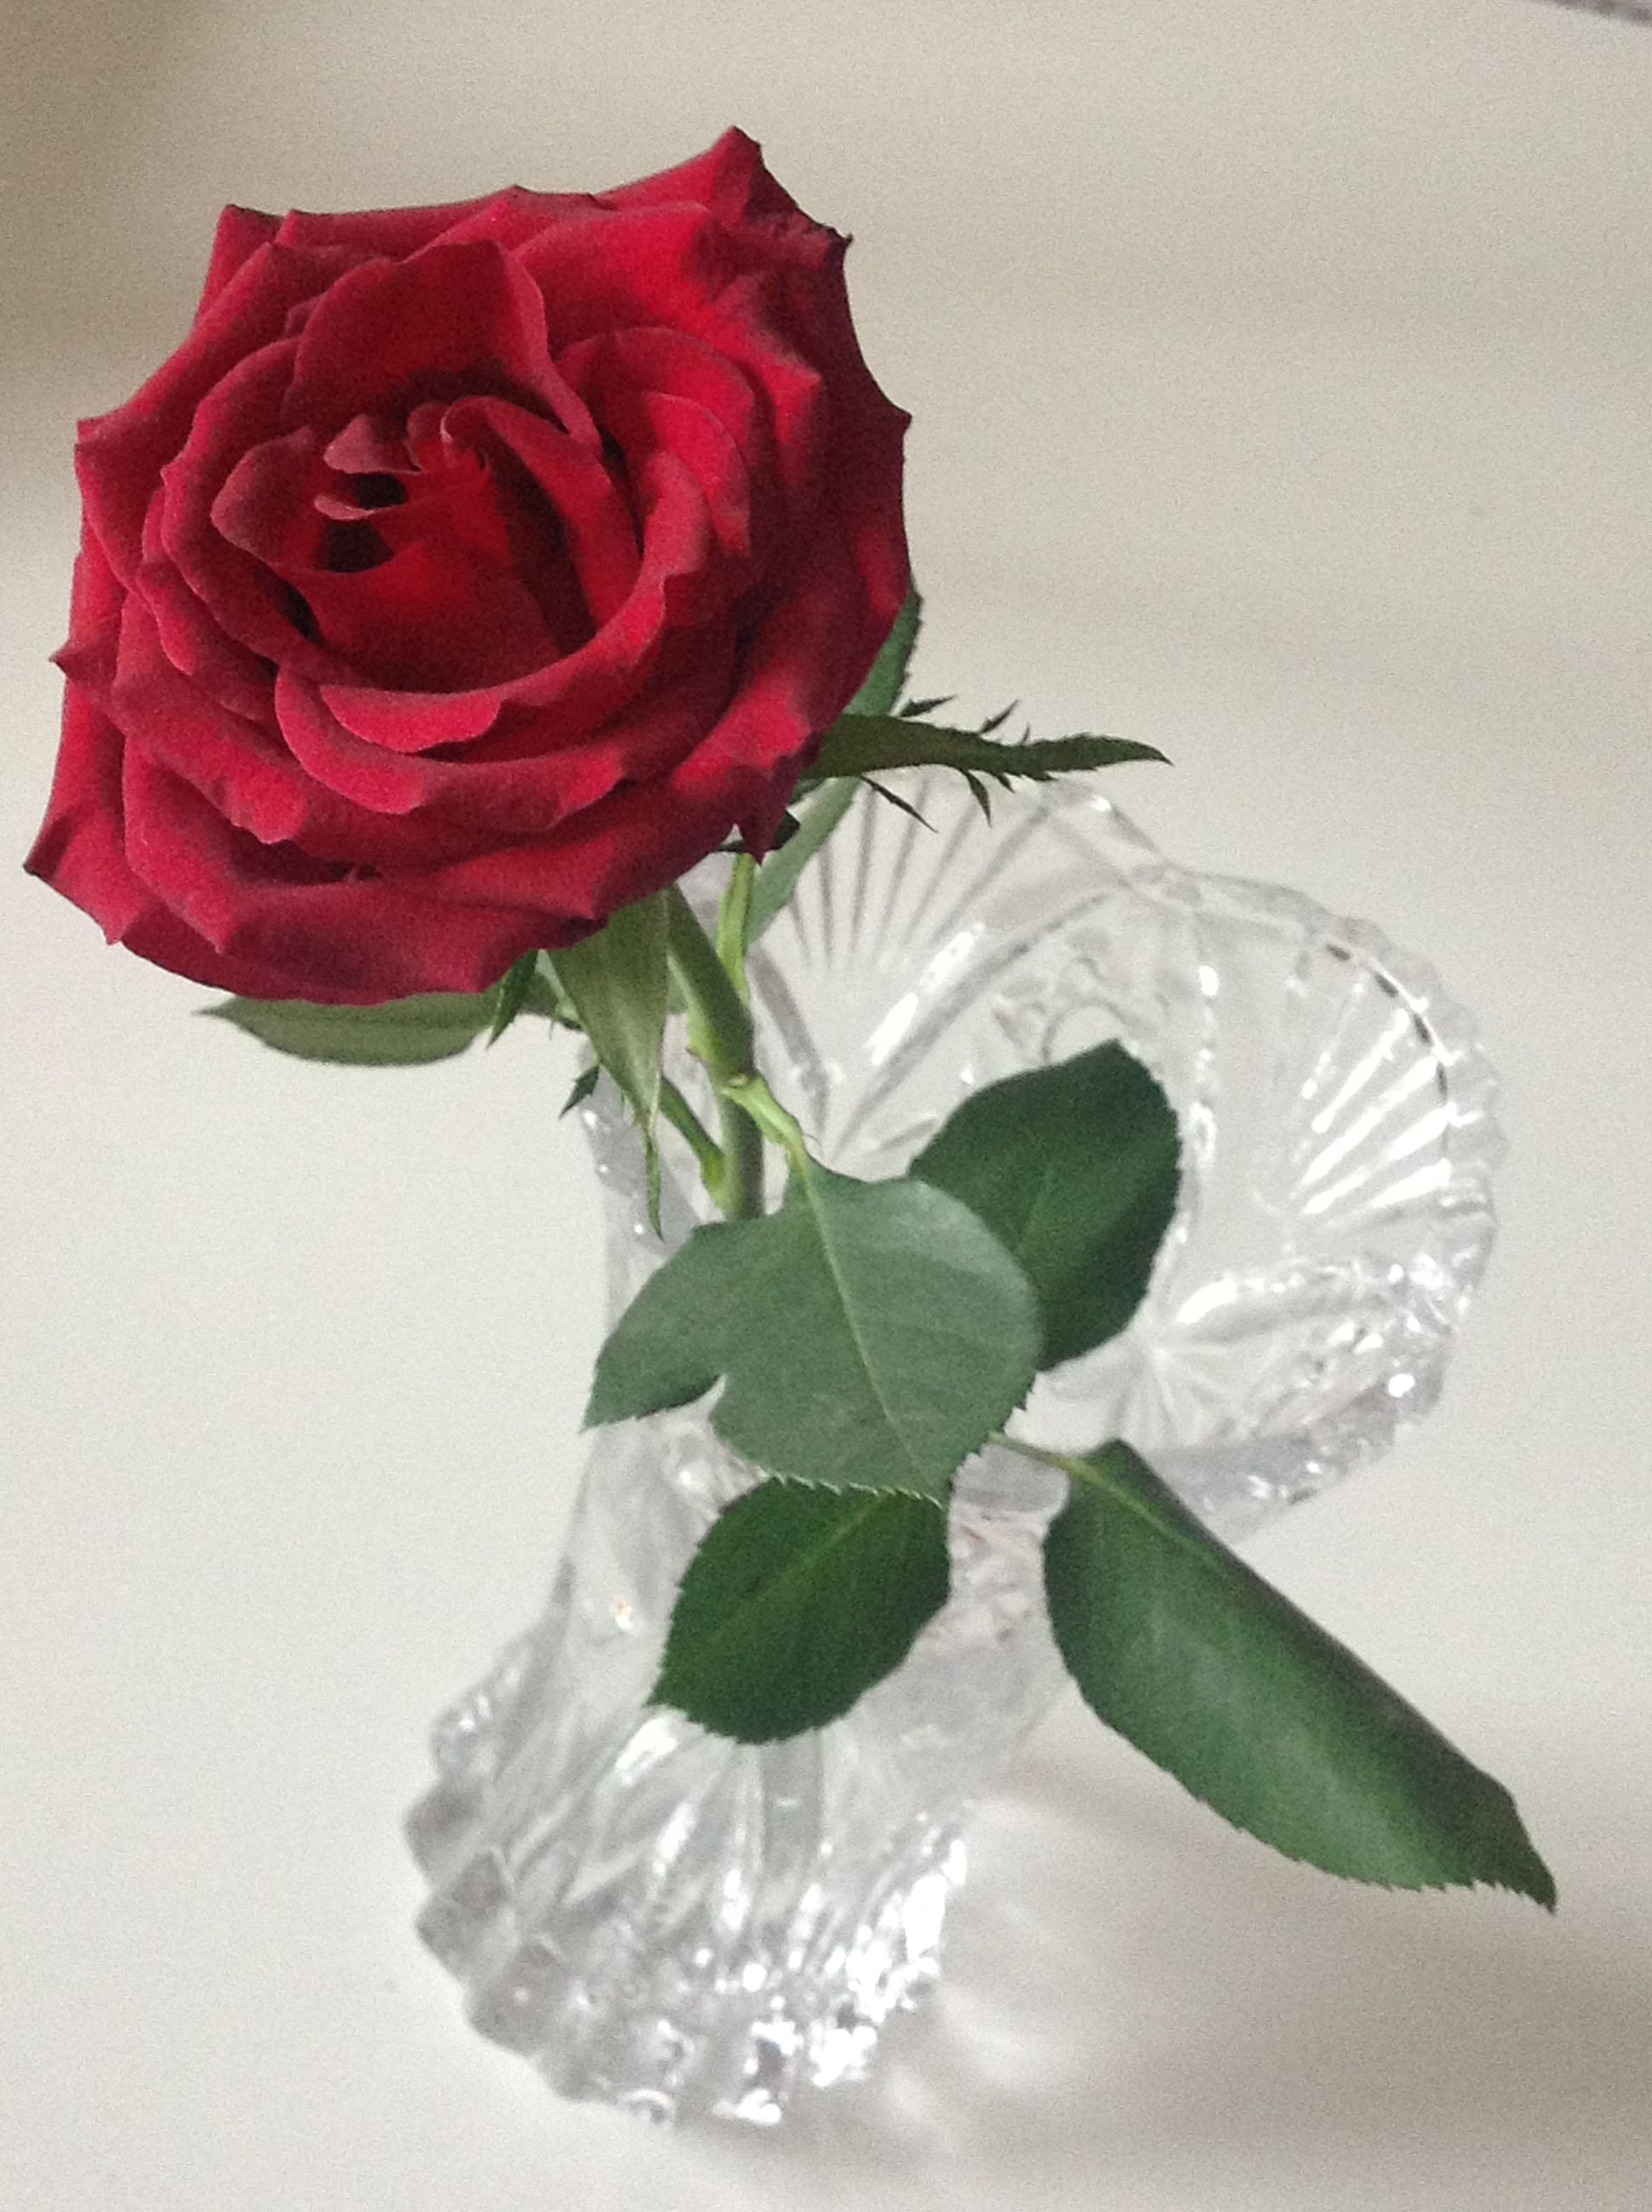 La rosa dell'amore